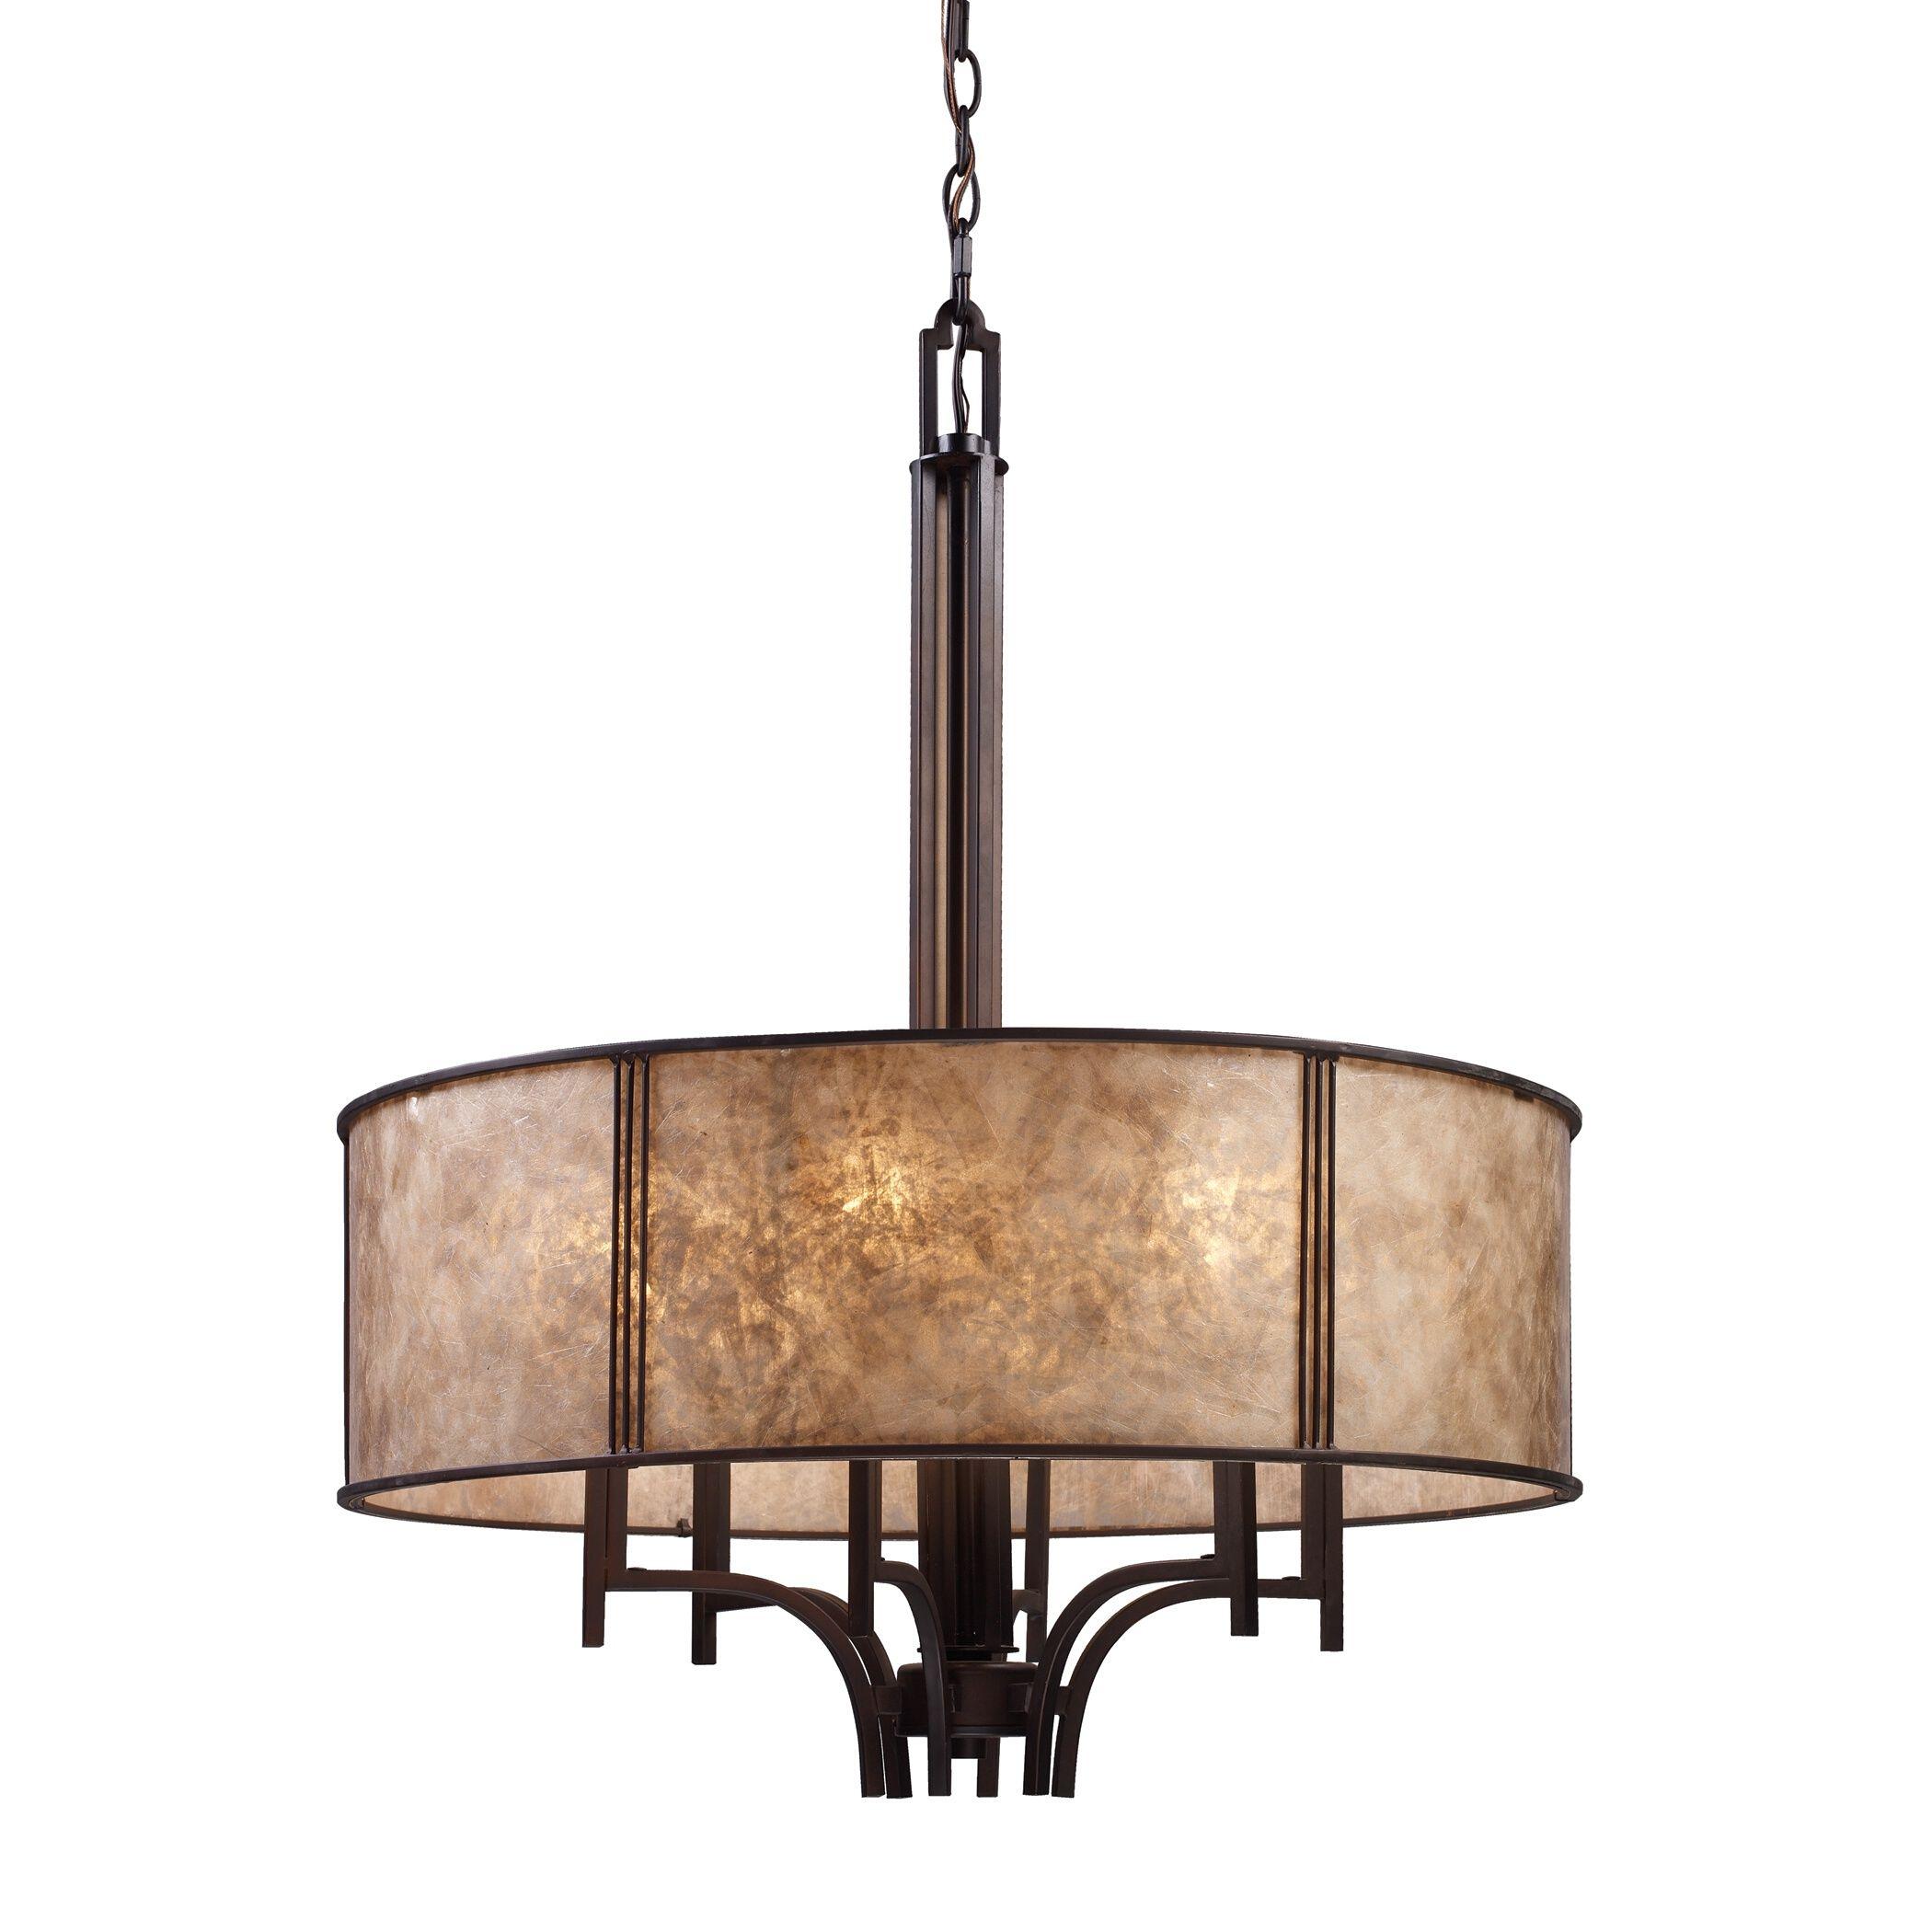 Elk lighting elk lighting barringer light